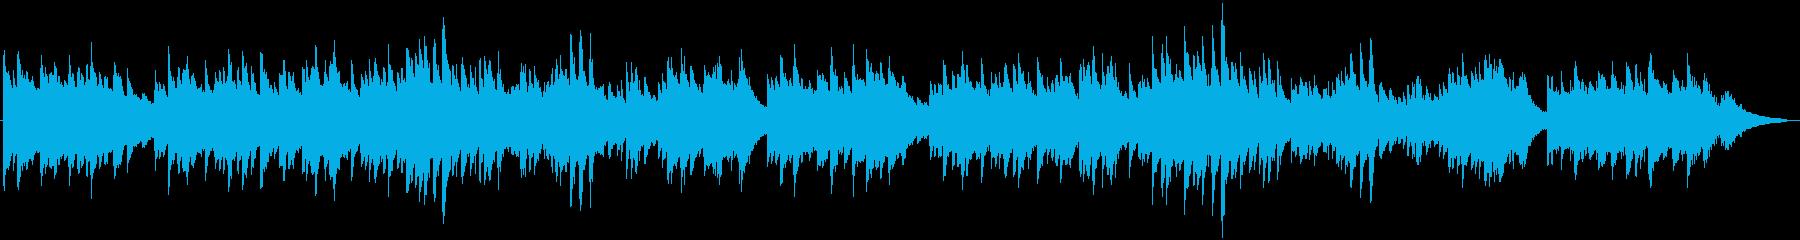 ピアノ生演奏/朝日・紀行・自然・キラキラの再生済みの波形